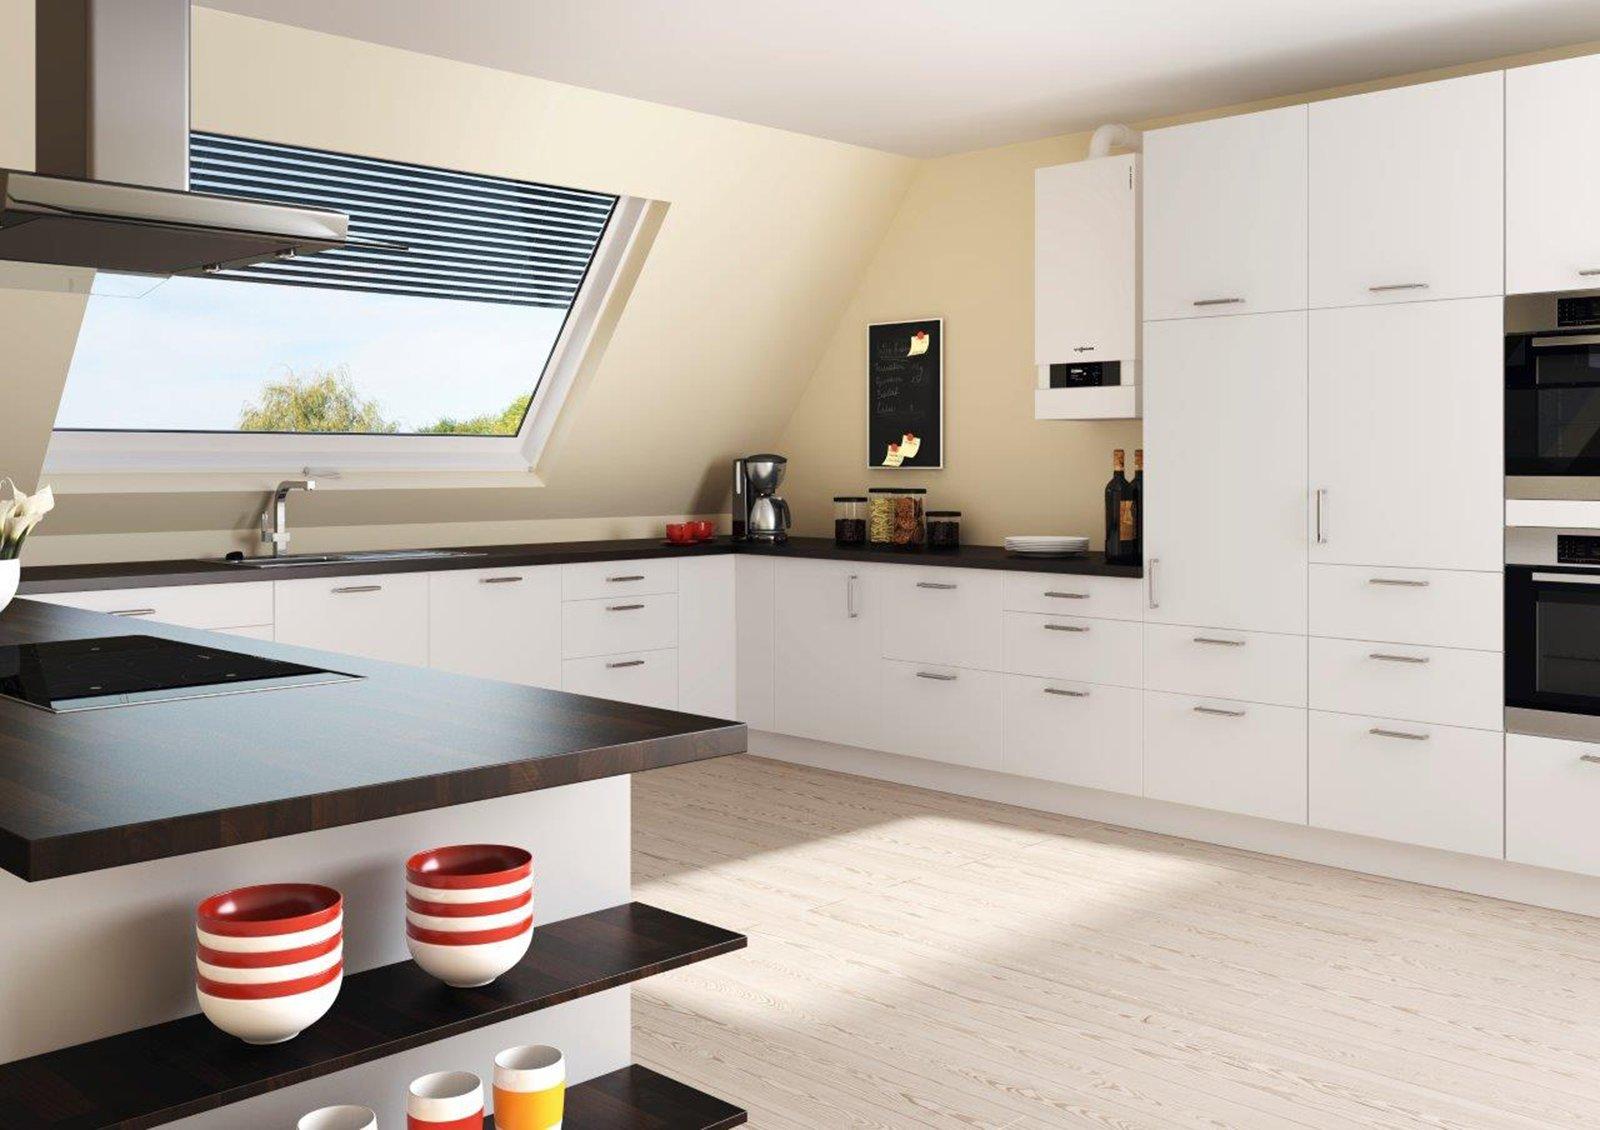 Una nuova caldaia incentivi e spese cose di casa for Asticots dans la cuisine